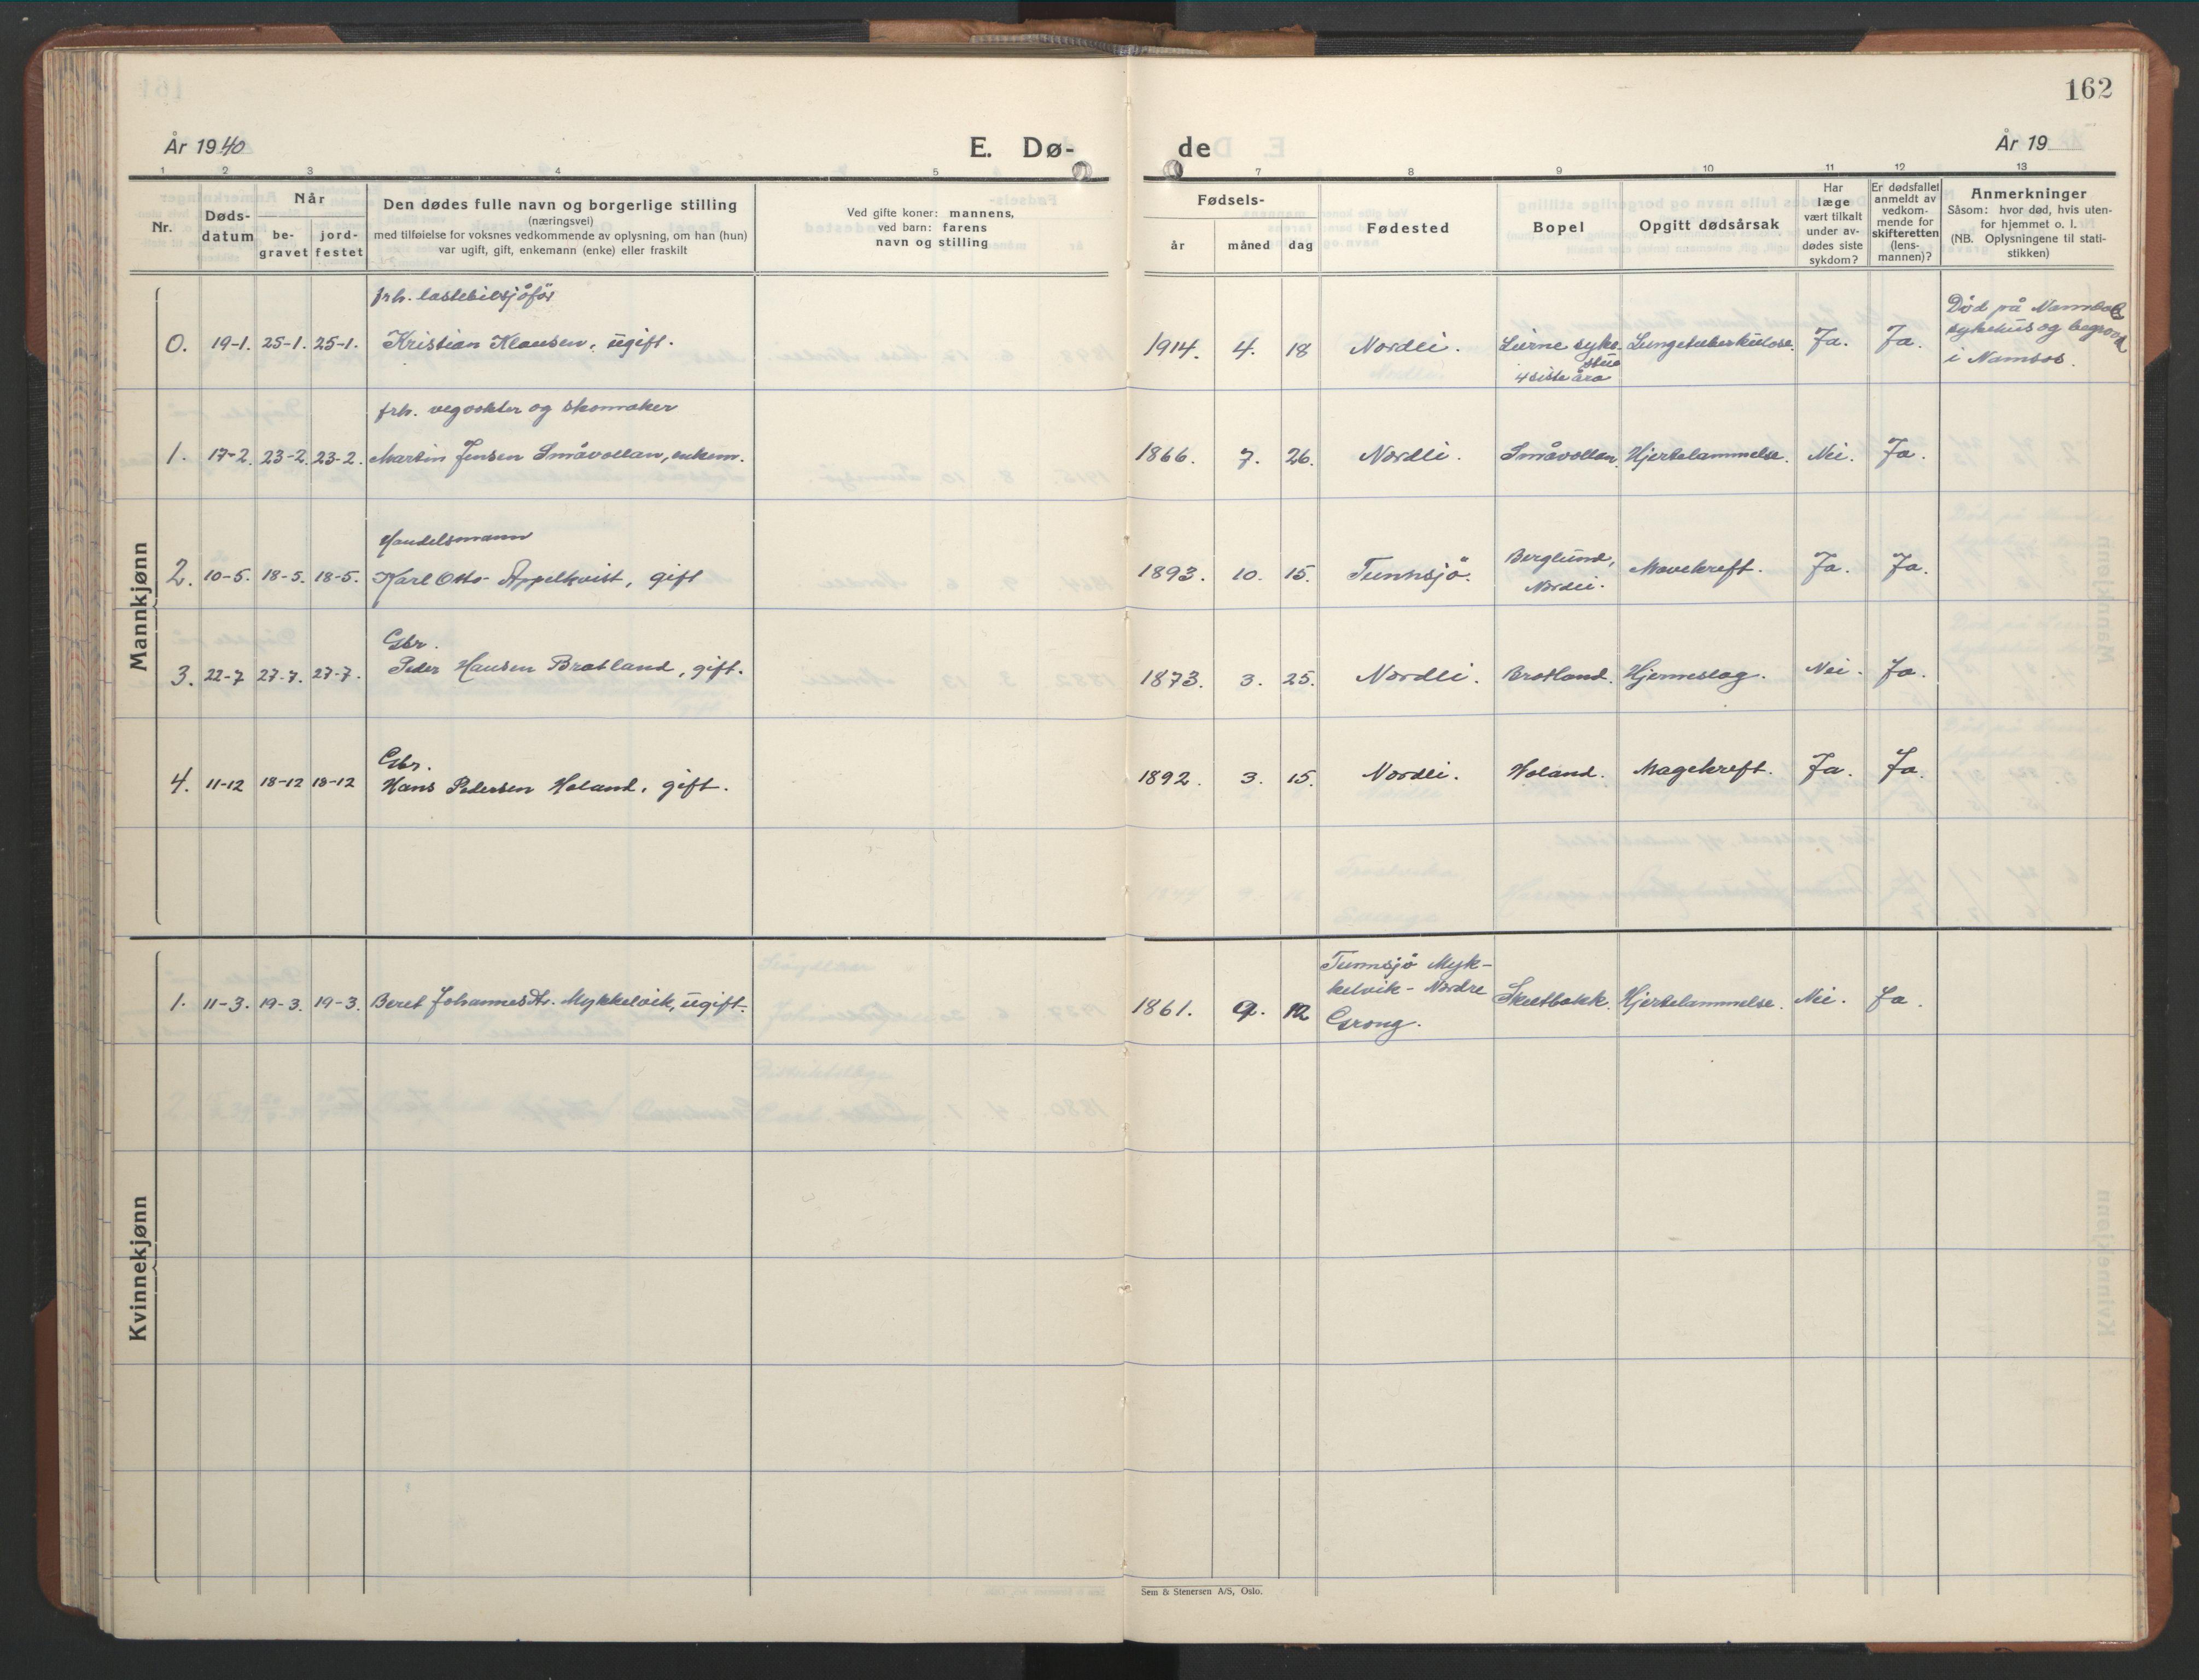 SAT, Ministerialprotokoller, klokkerbøker og fødselsregistre - Nord-Trøndelag, 755/L0500: Klokkerbok nr. 755C01, 1920-1962, s. 162